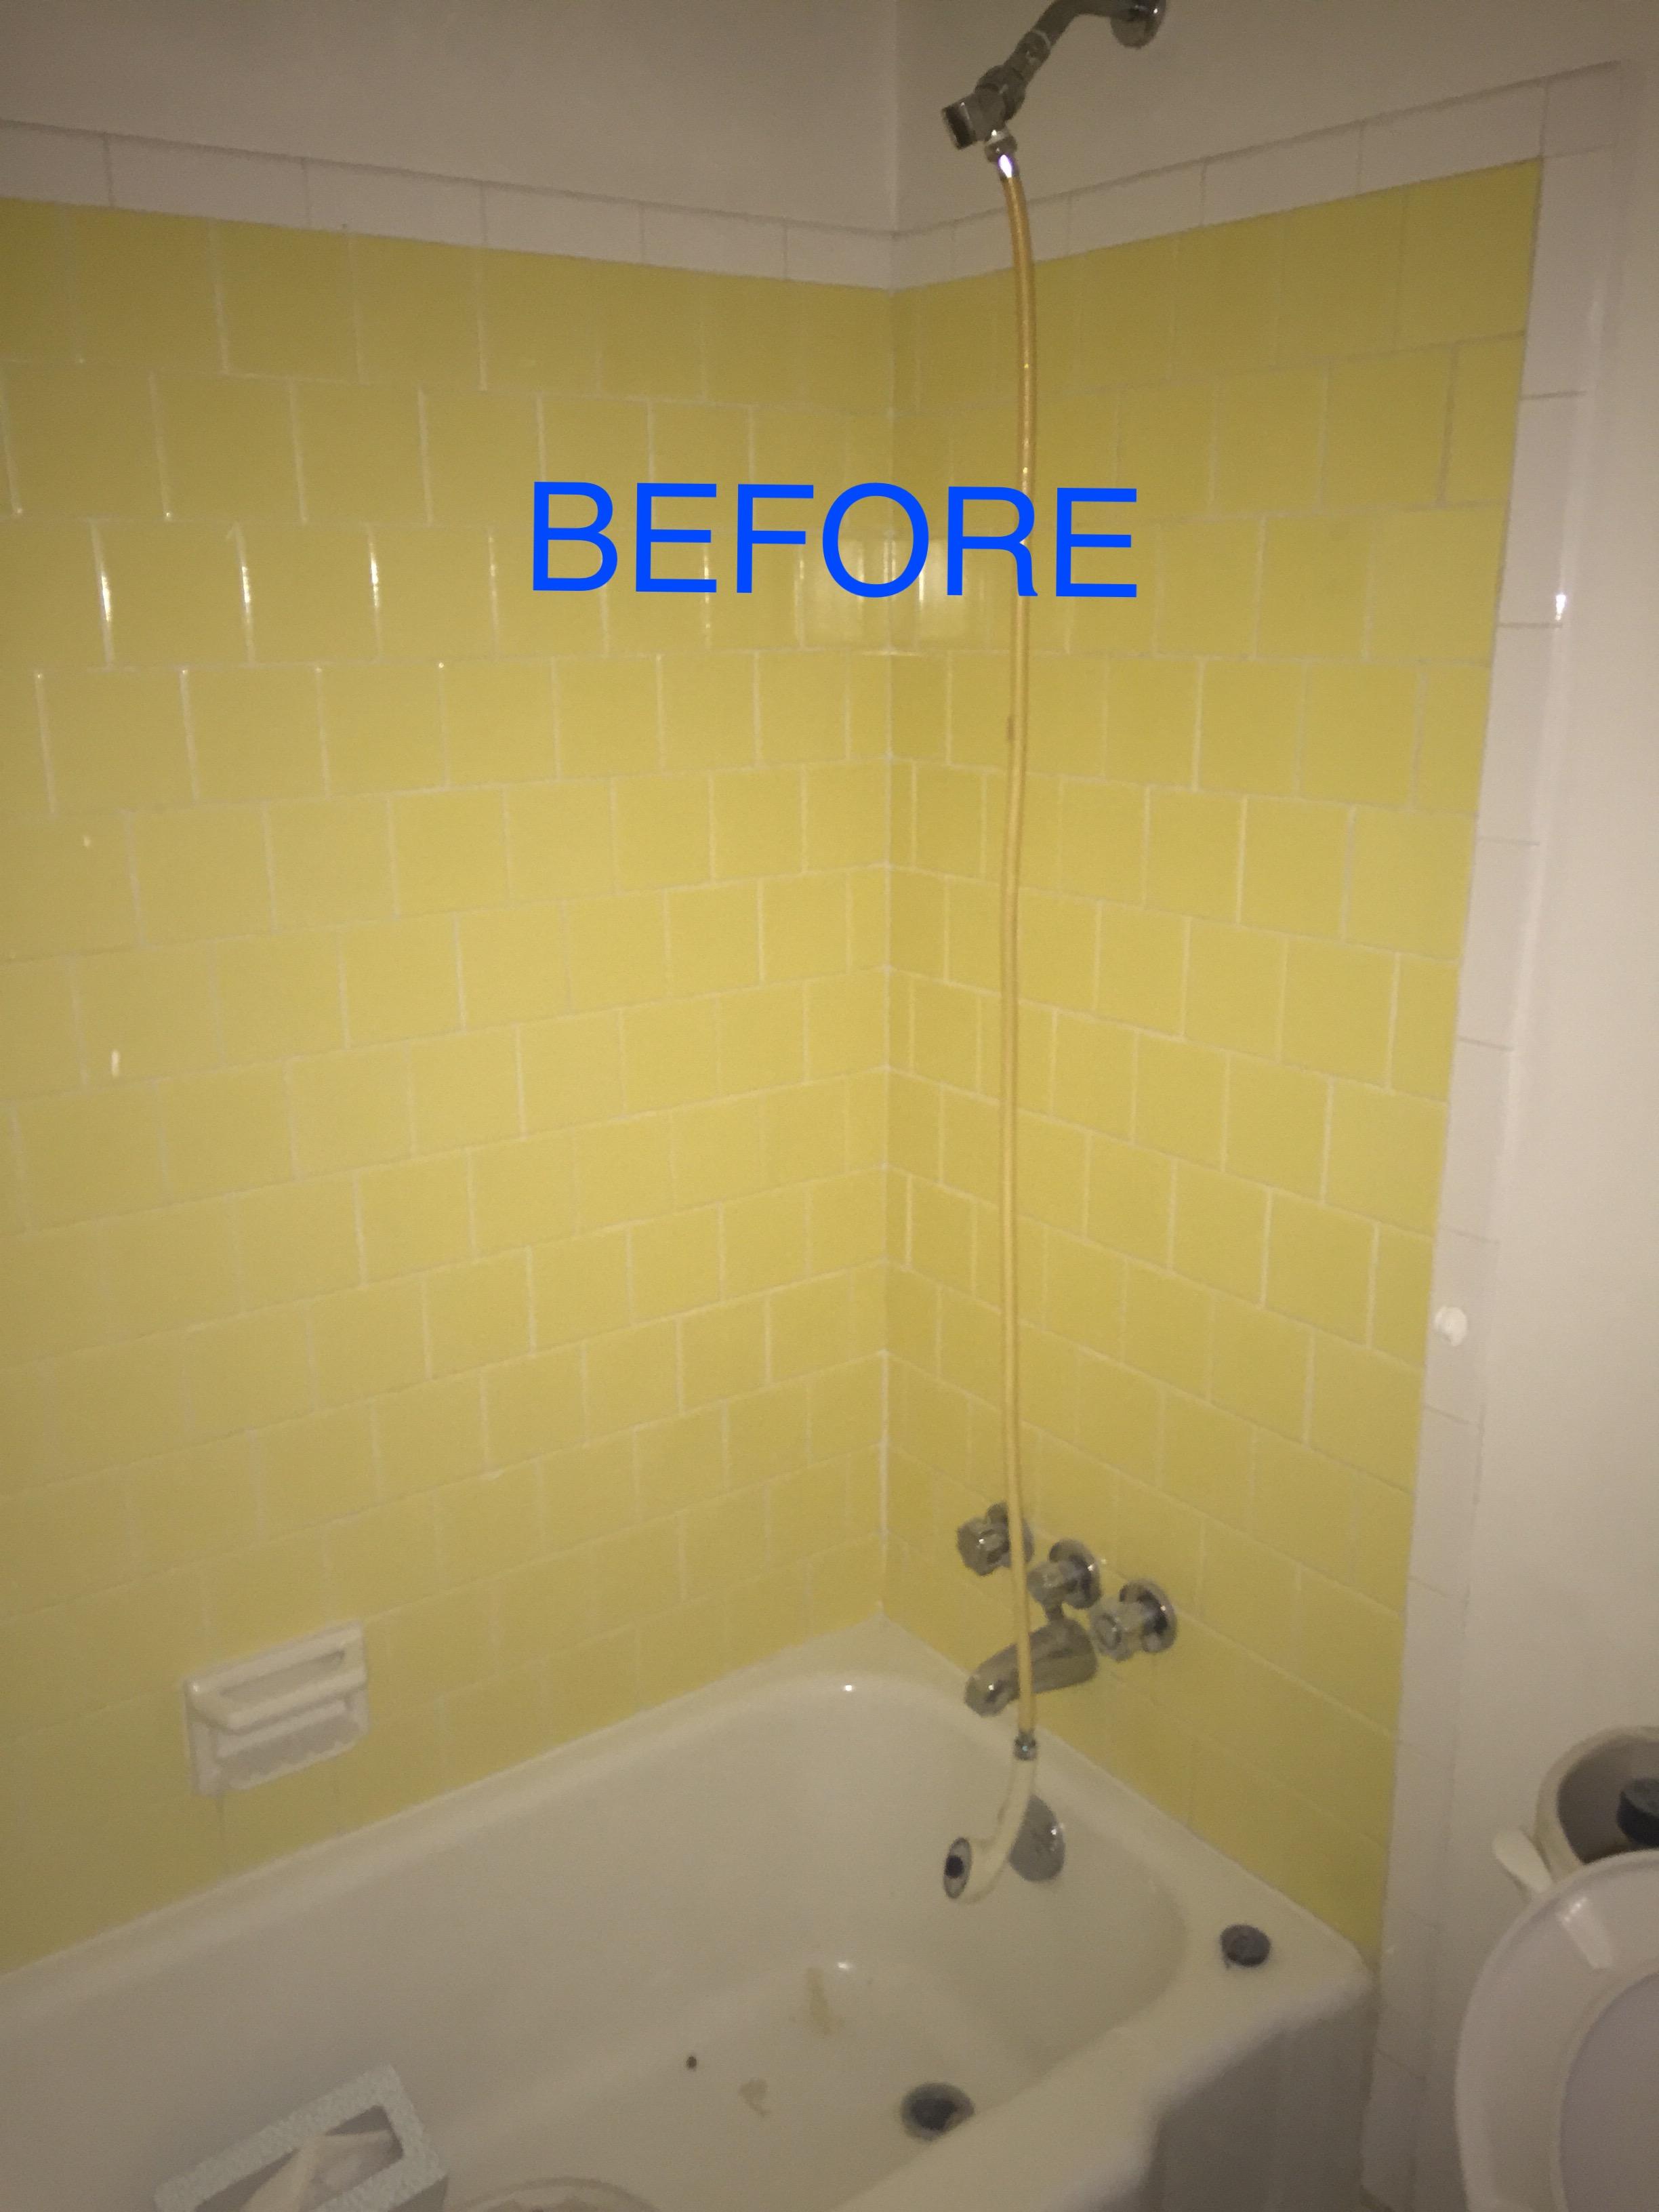 NEW BATH PIC 7